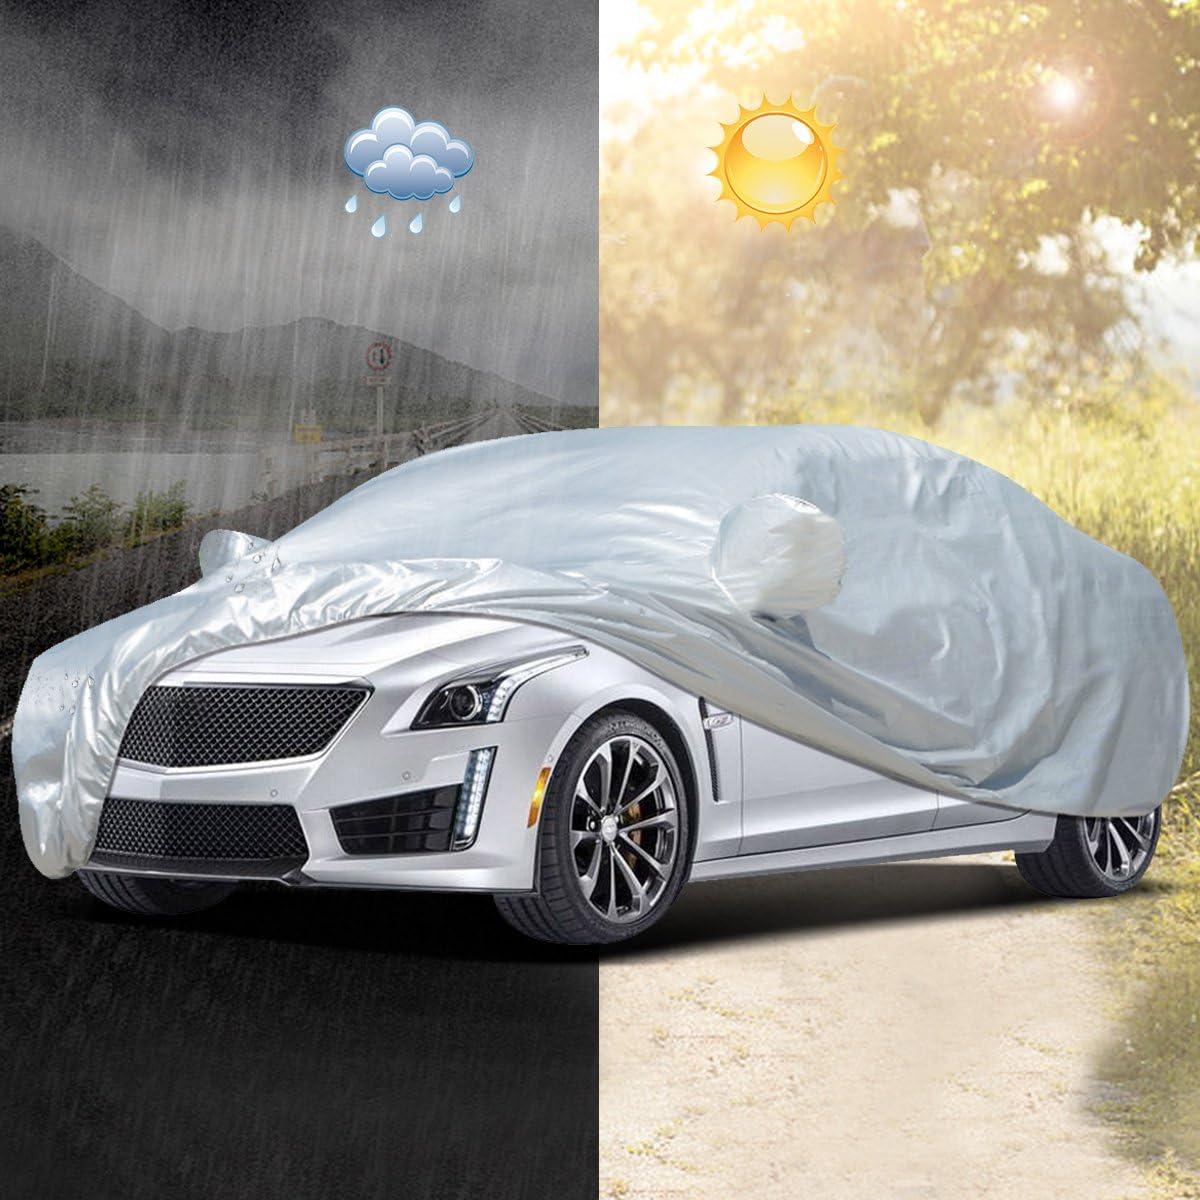 Mercedes-Benz·Pagode·W113  /> Ganzgarage Autoplane Faltgarage Auto Abdeckung